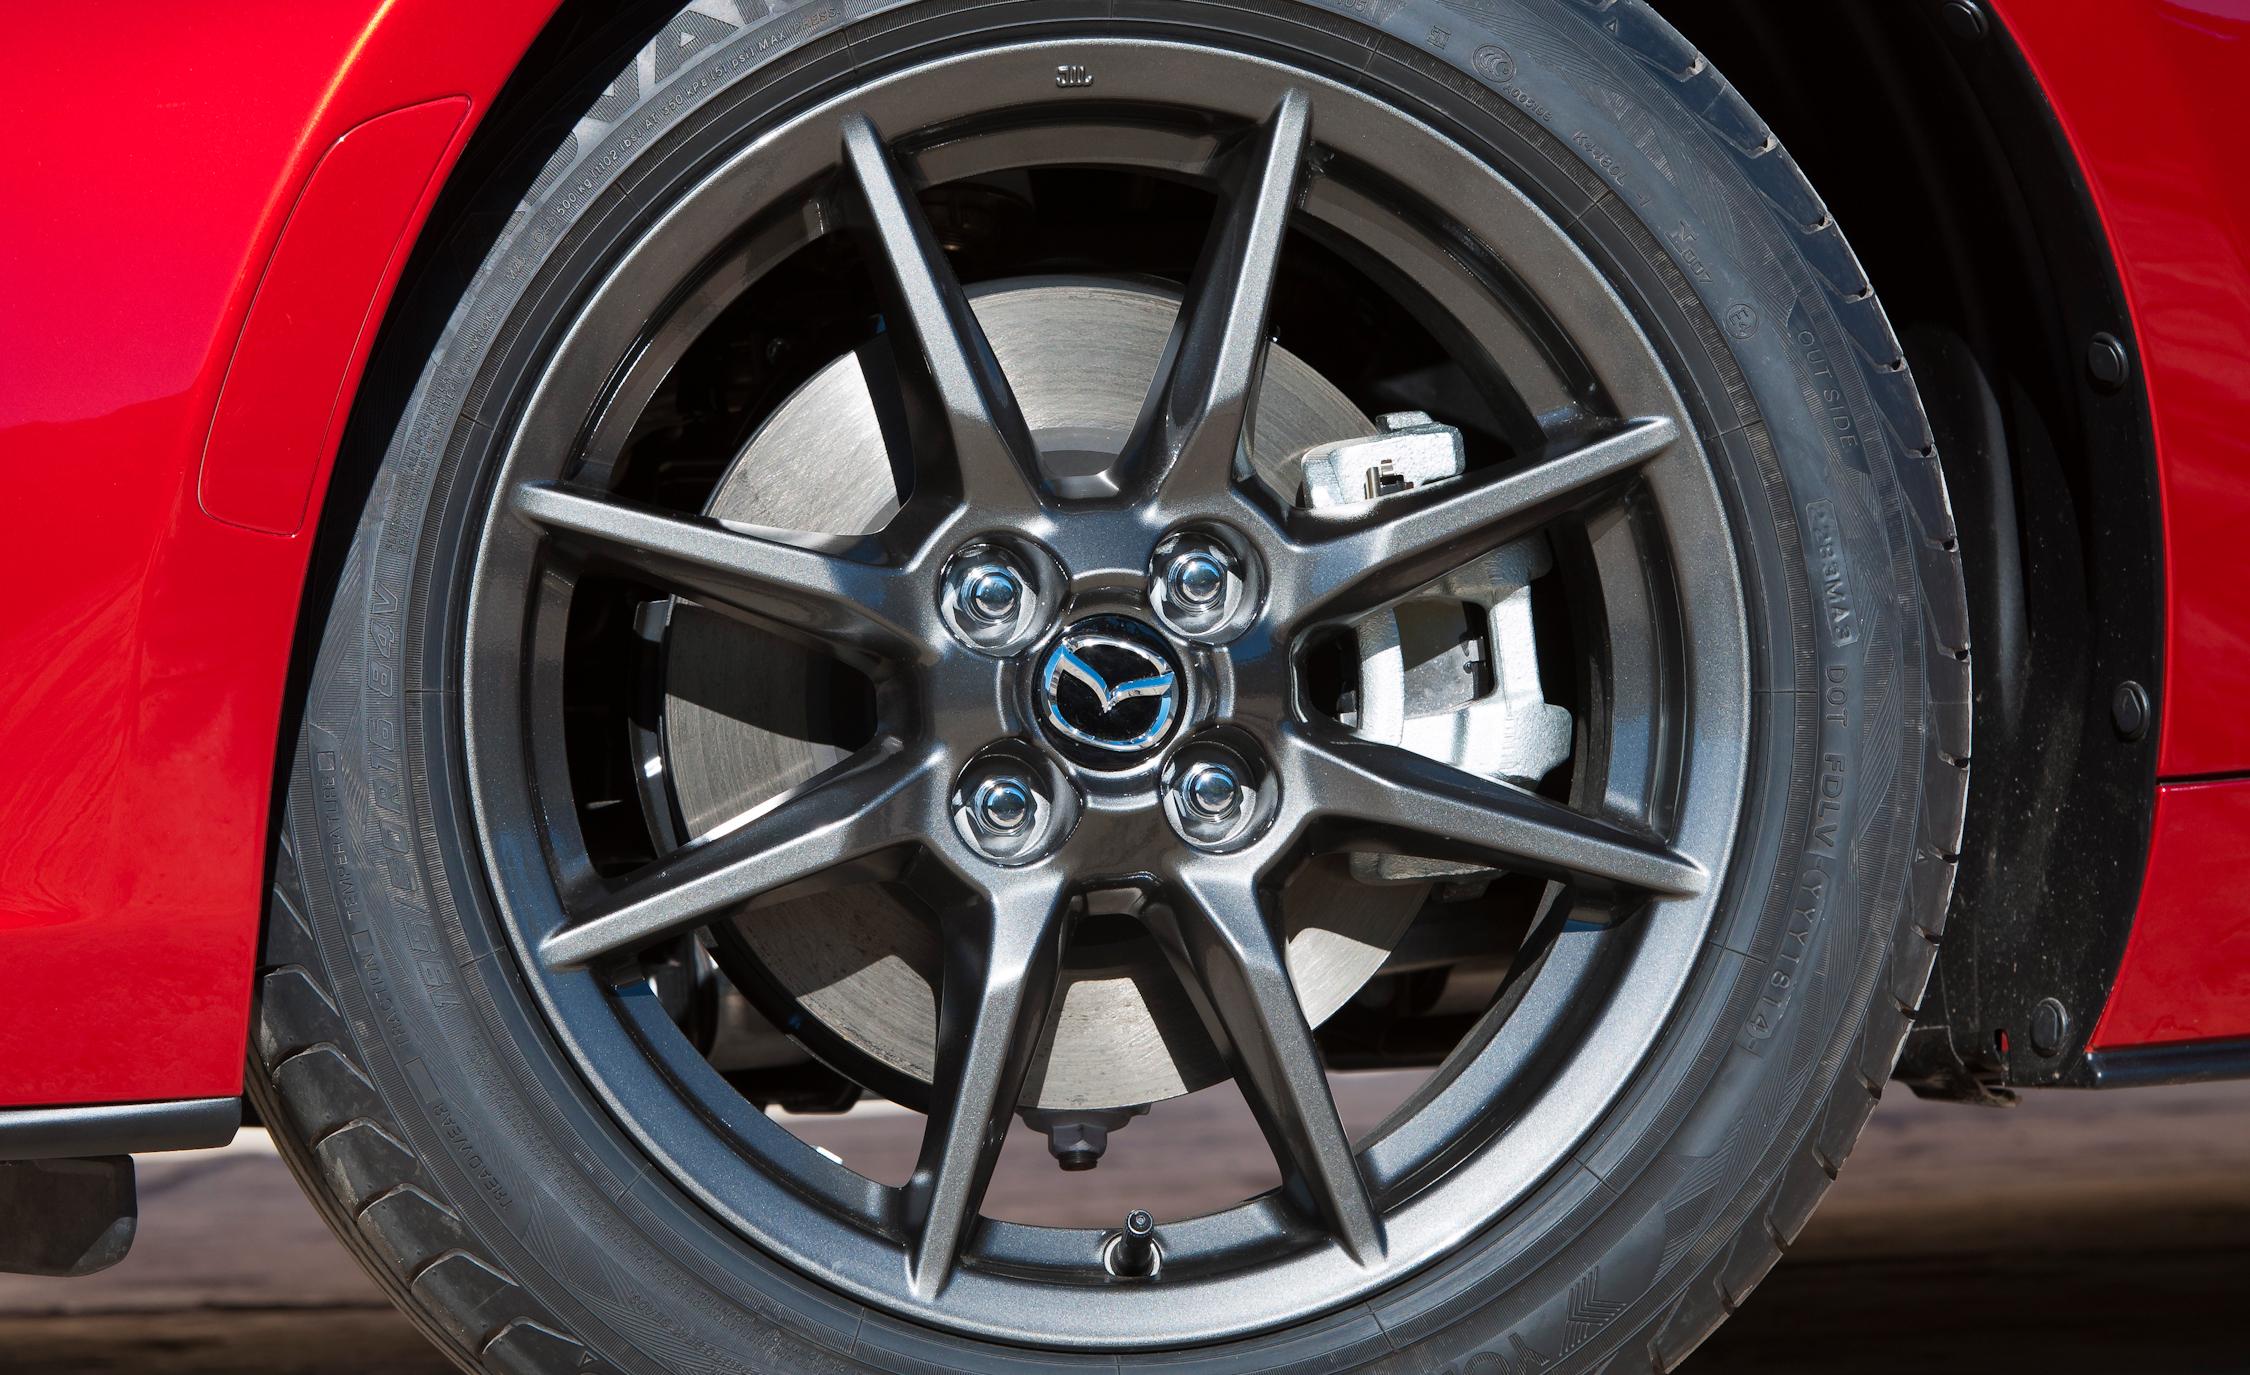 Wheel Trim 2016 Mazda MX-5 Miata